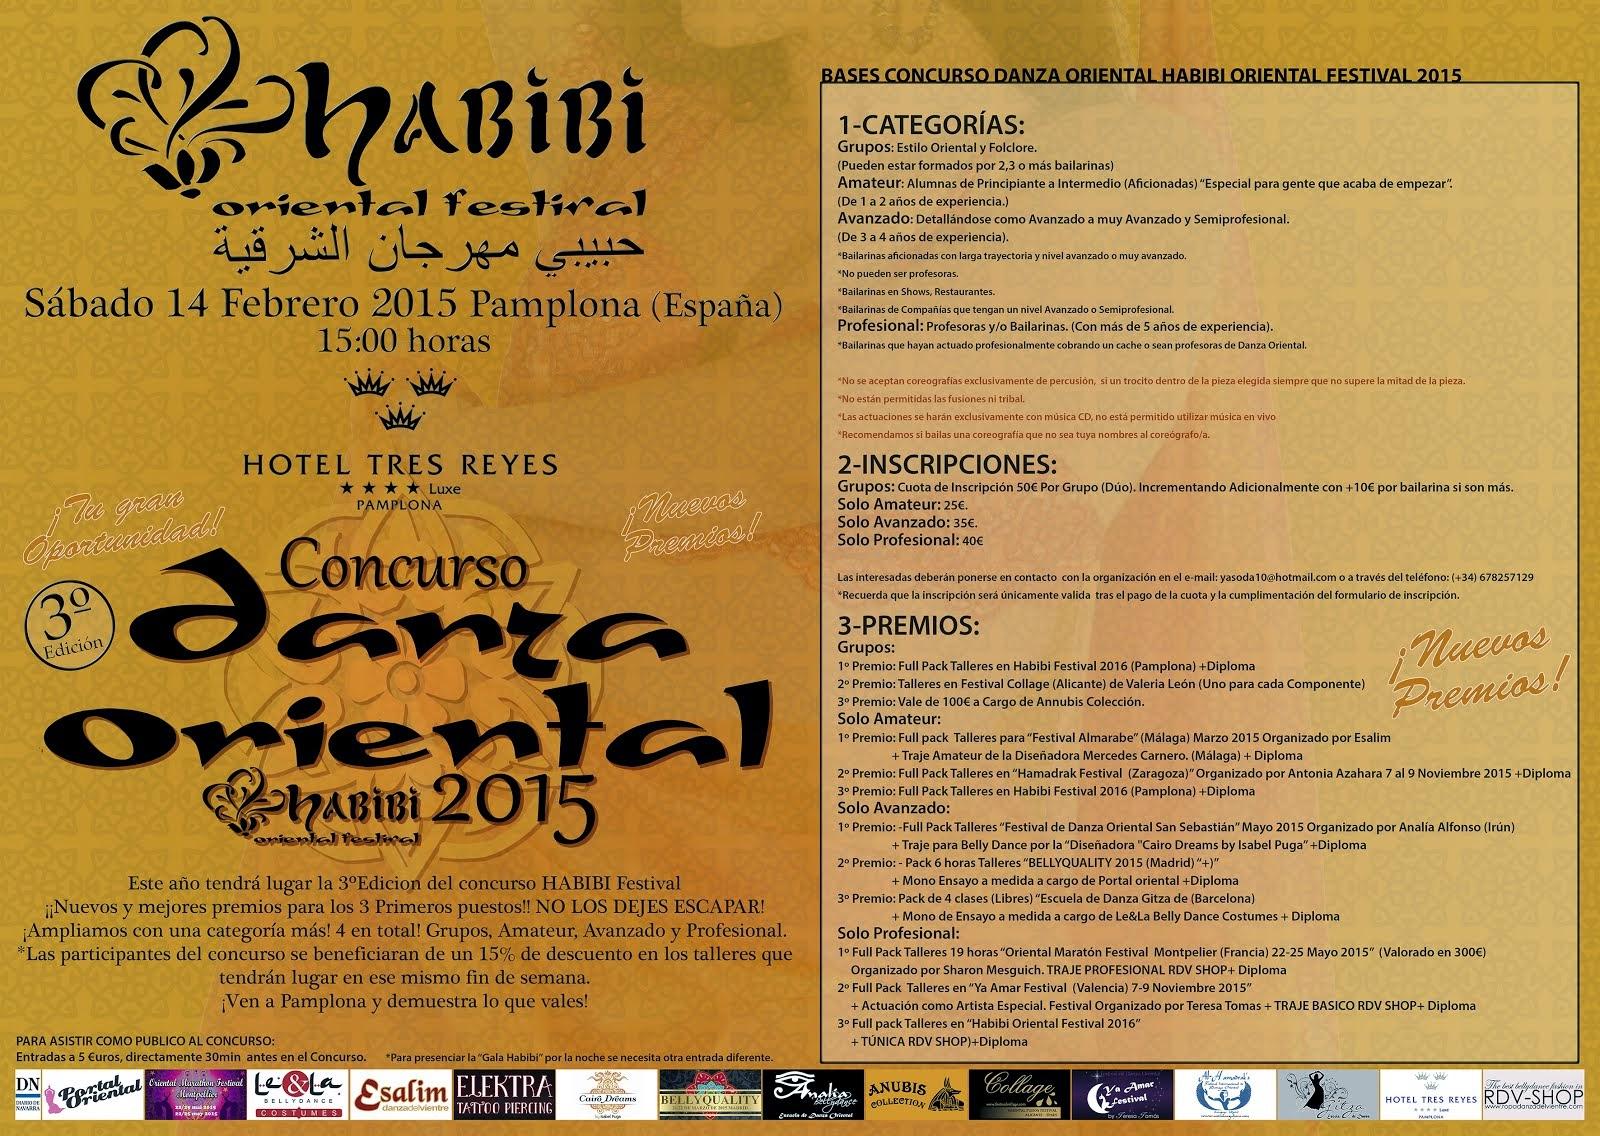 CONCURSO HABIBI FESTIVAL 2015